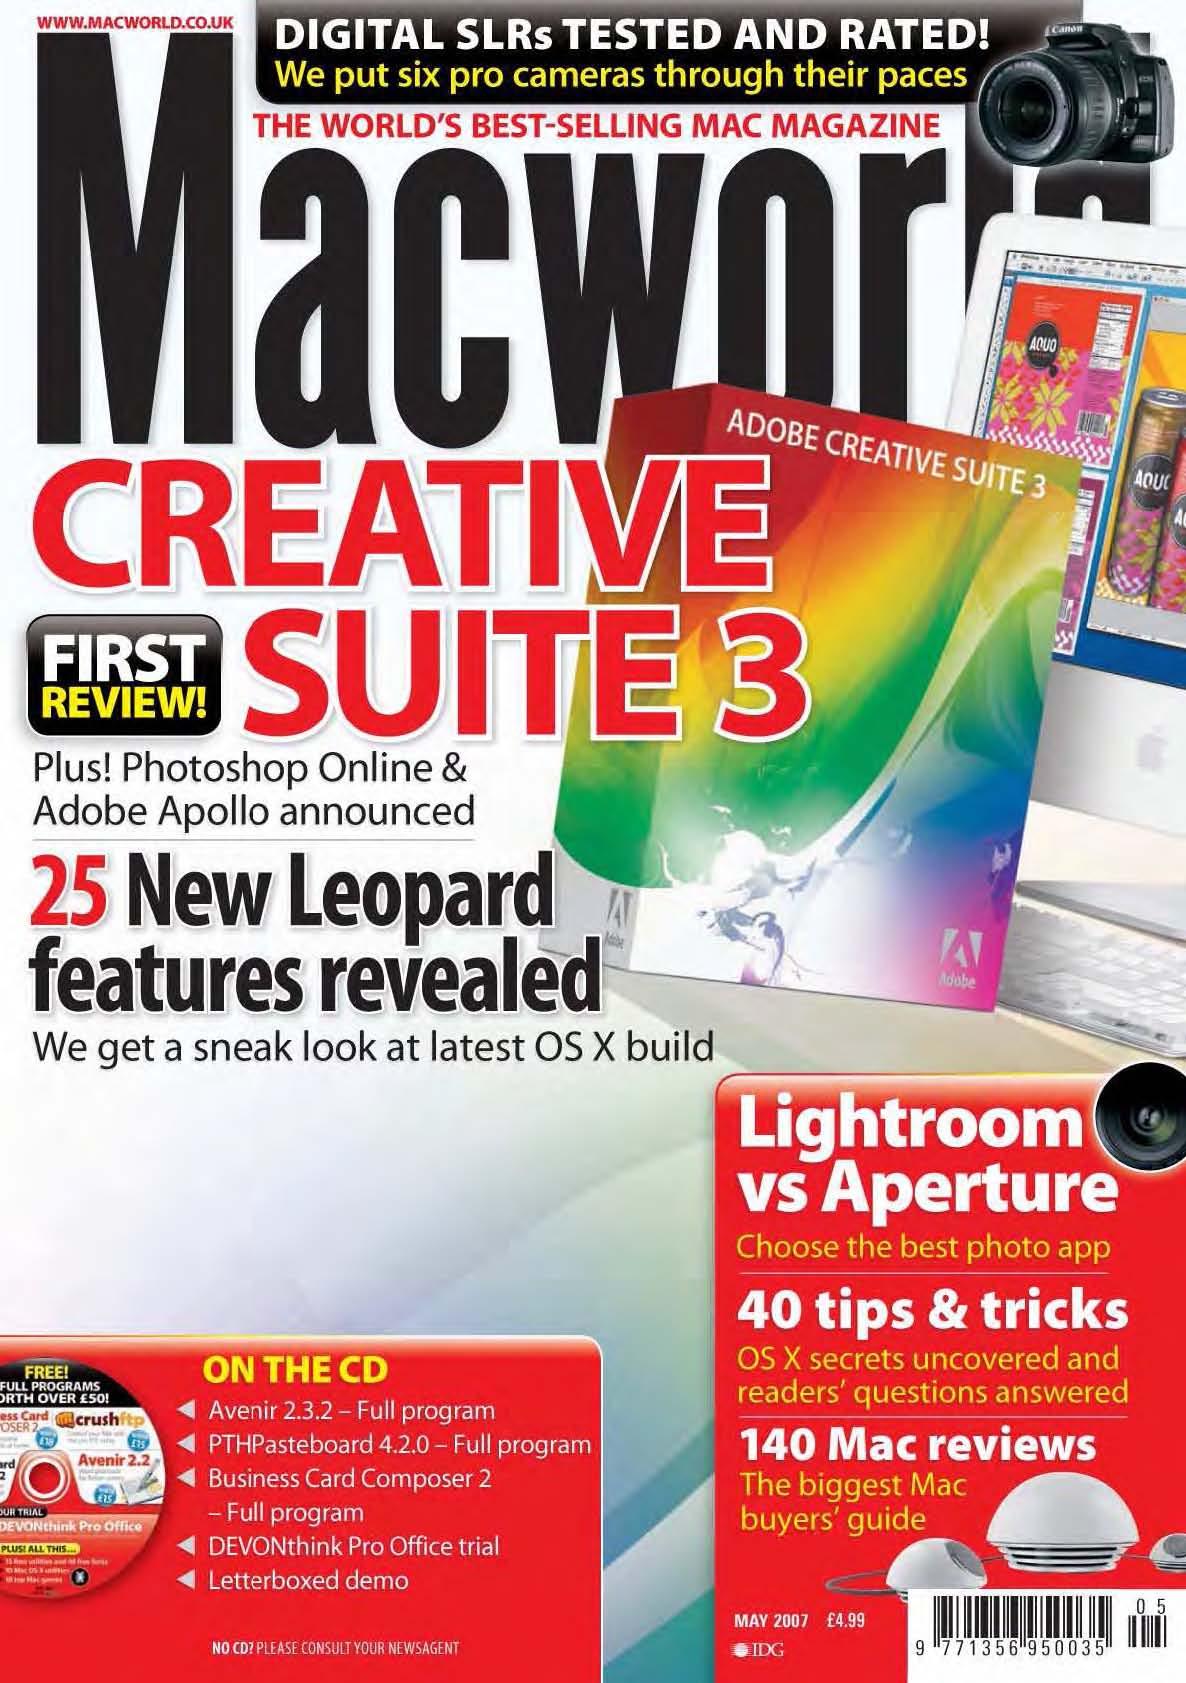 Macword UK Edition - 2007 May